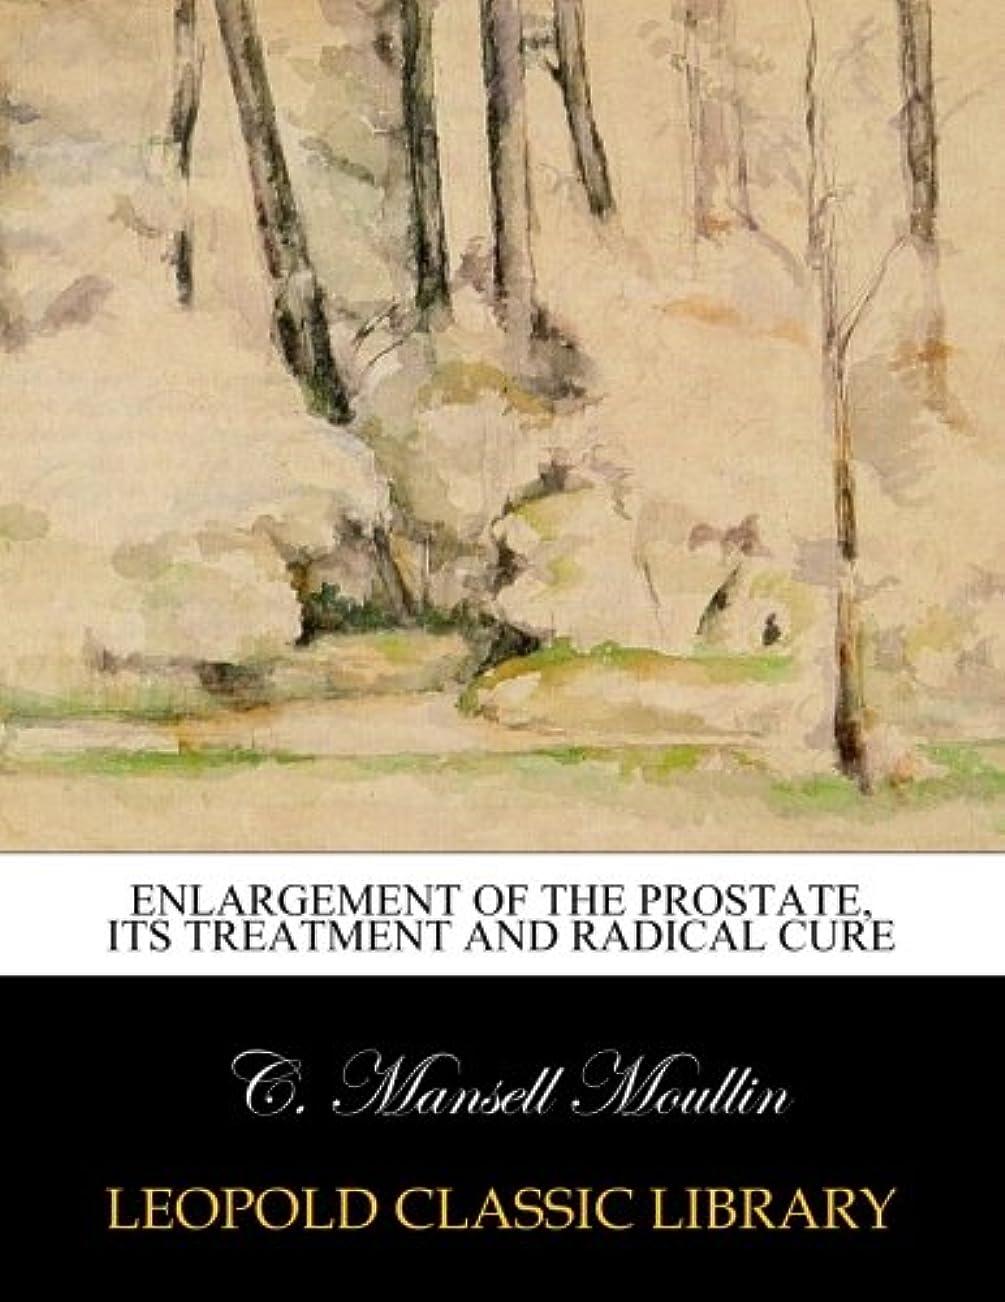 メンター望みマニアEnlargement of the prostate, its treatment and radical cure